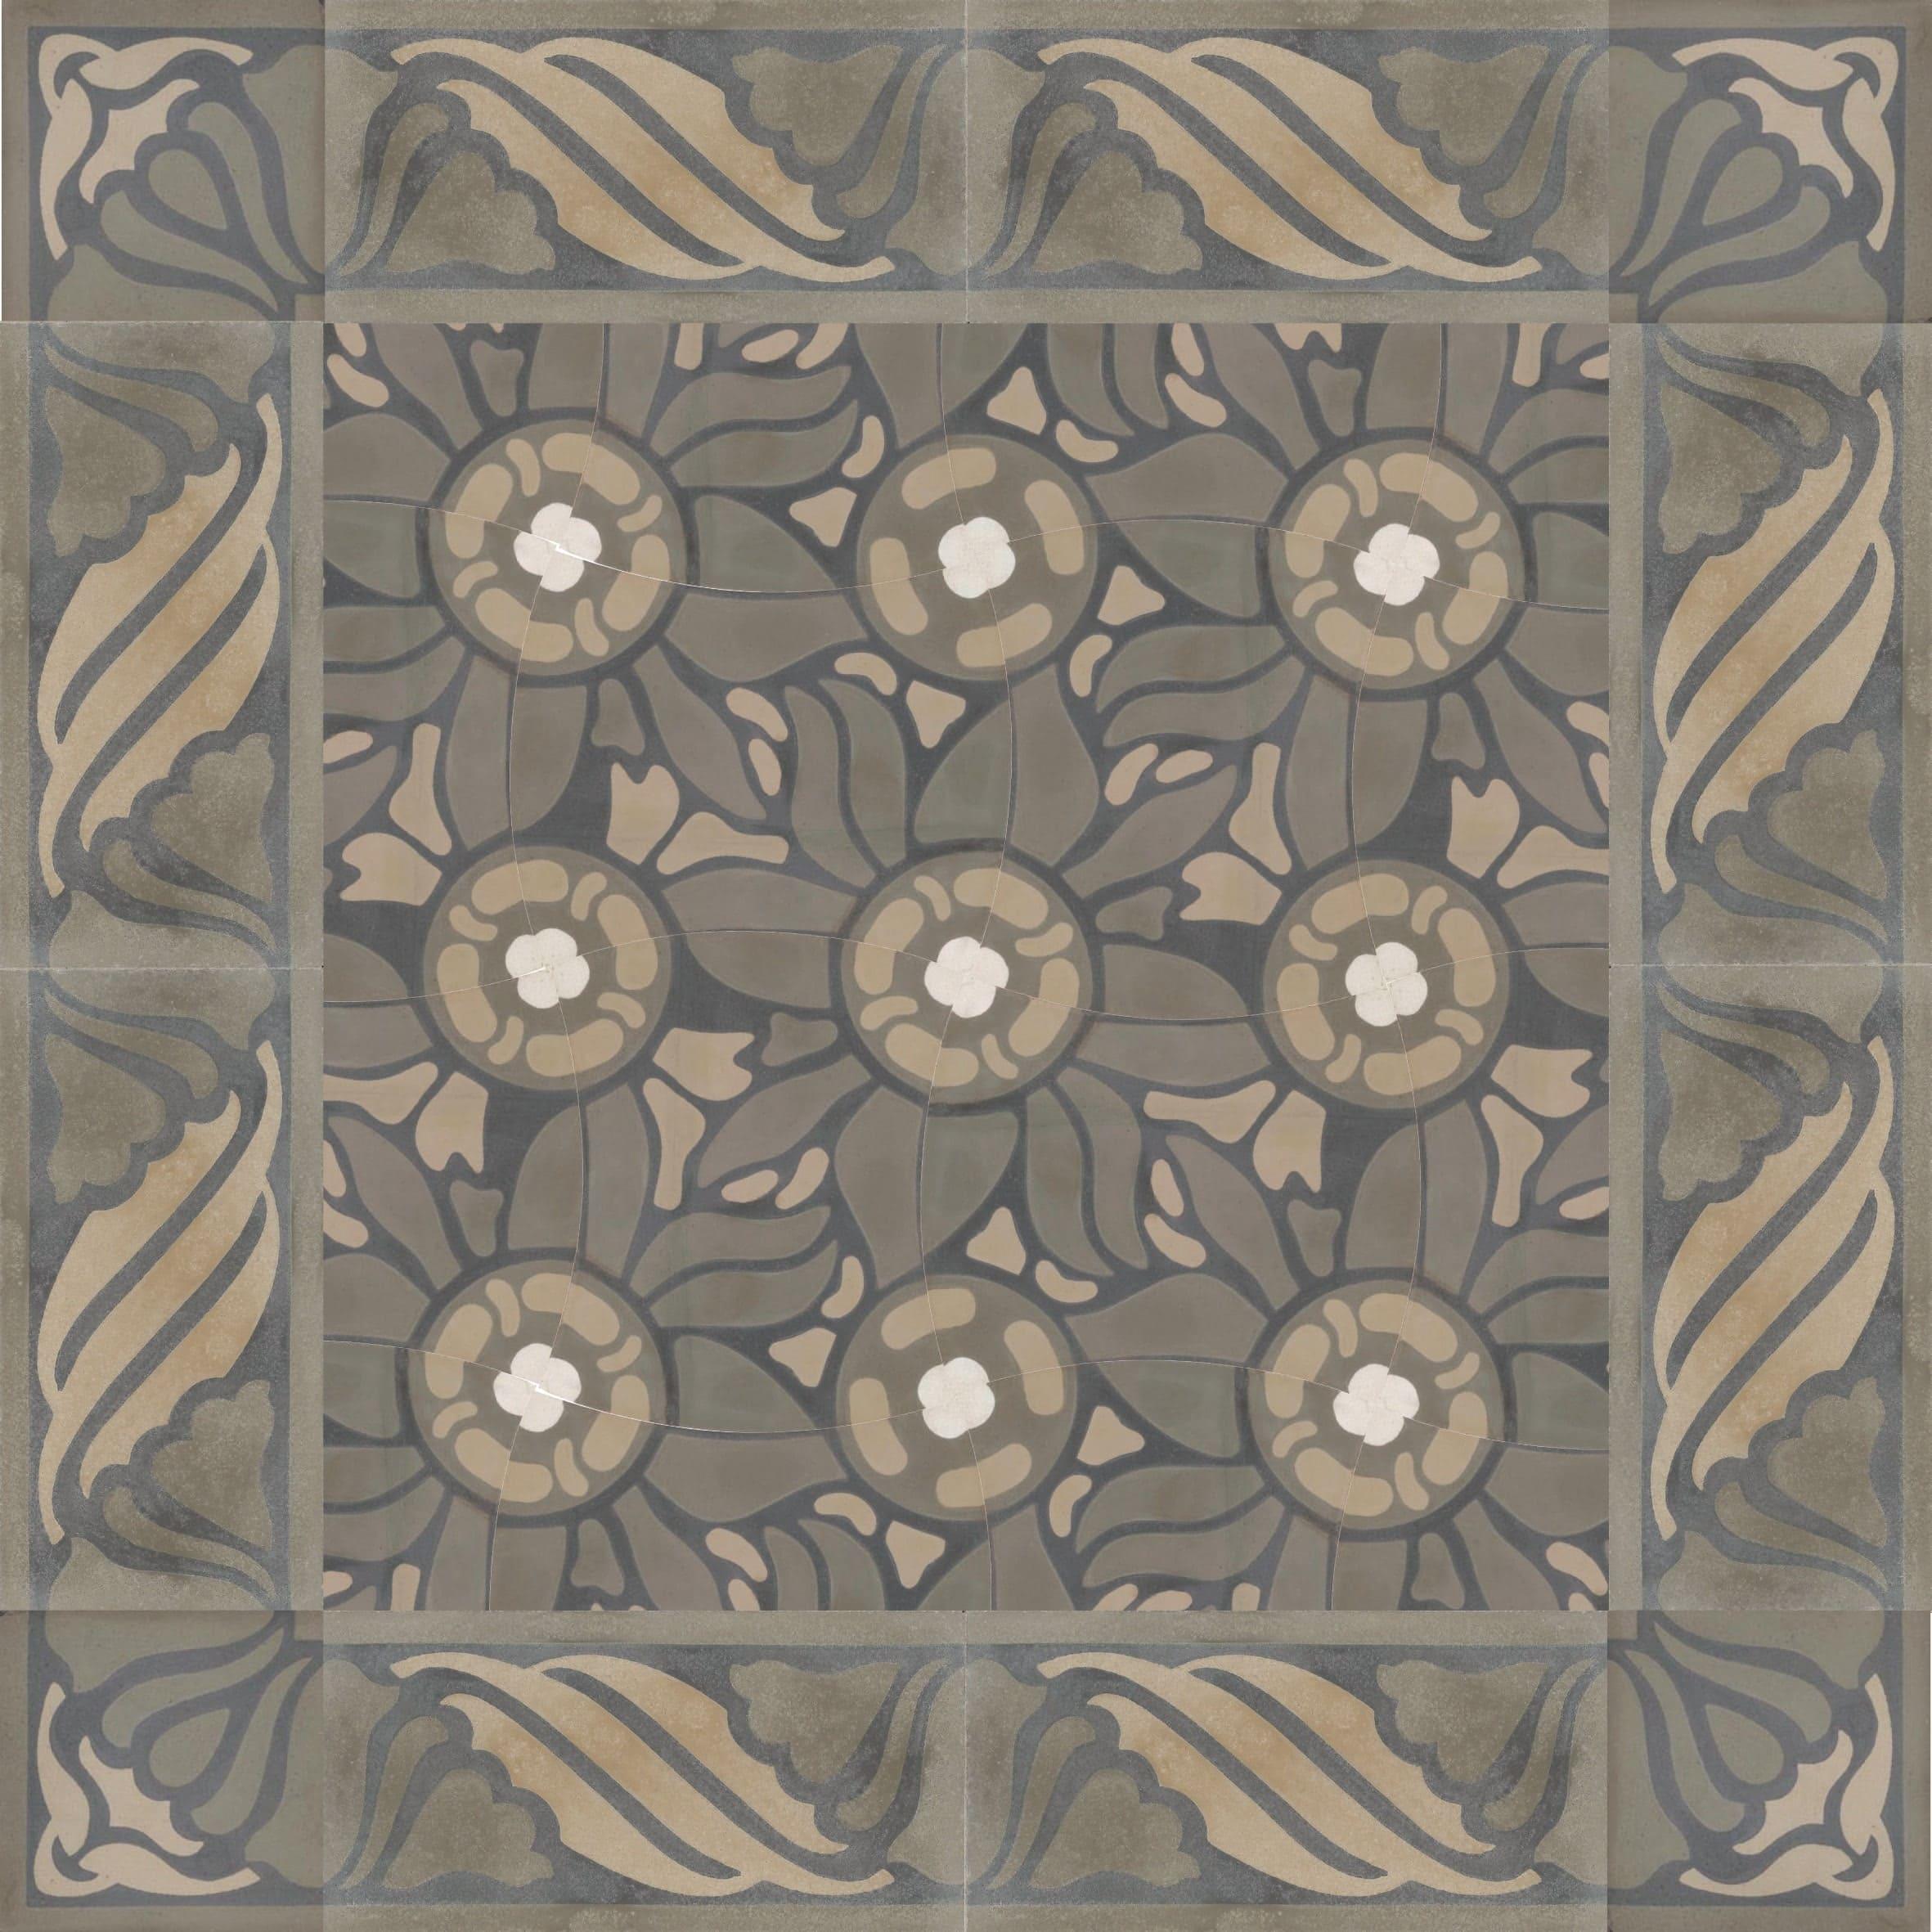 verlegemuster_12154_zementfliesen-via-gmbh-viaplatten | 12154